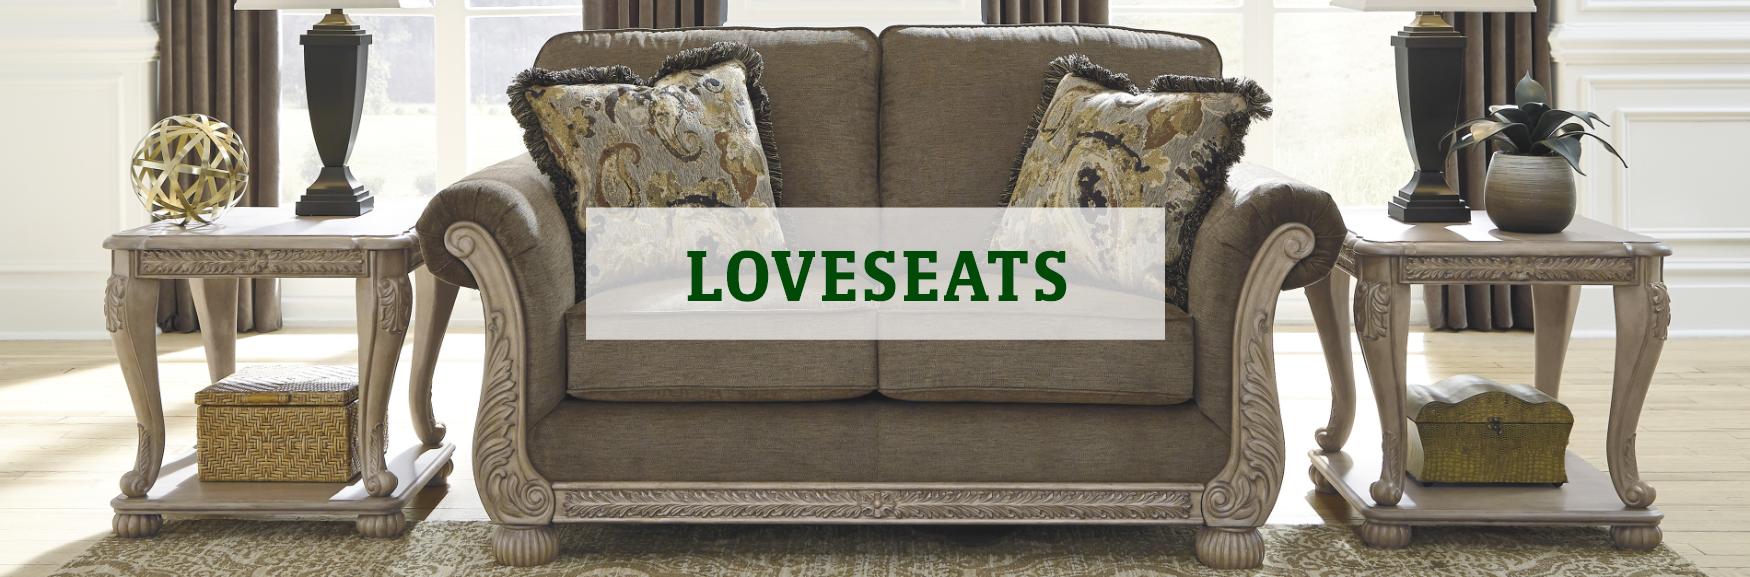 Loveseats